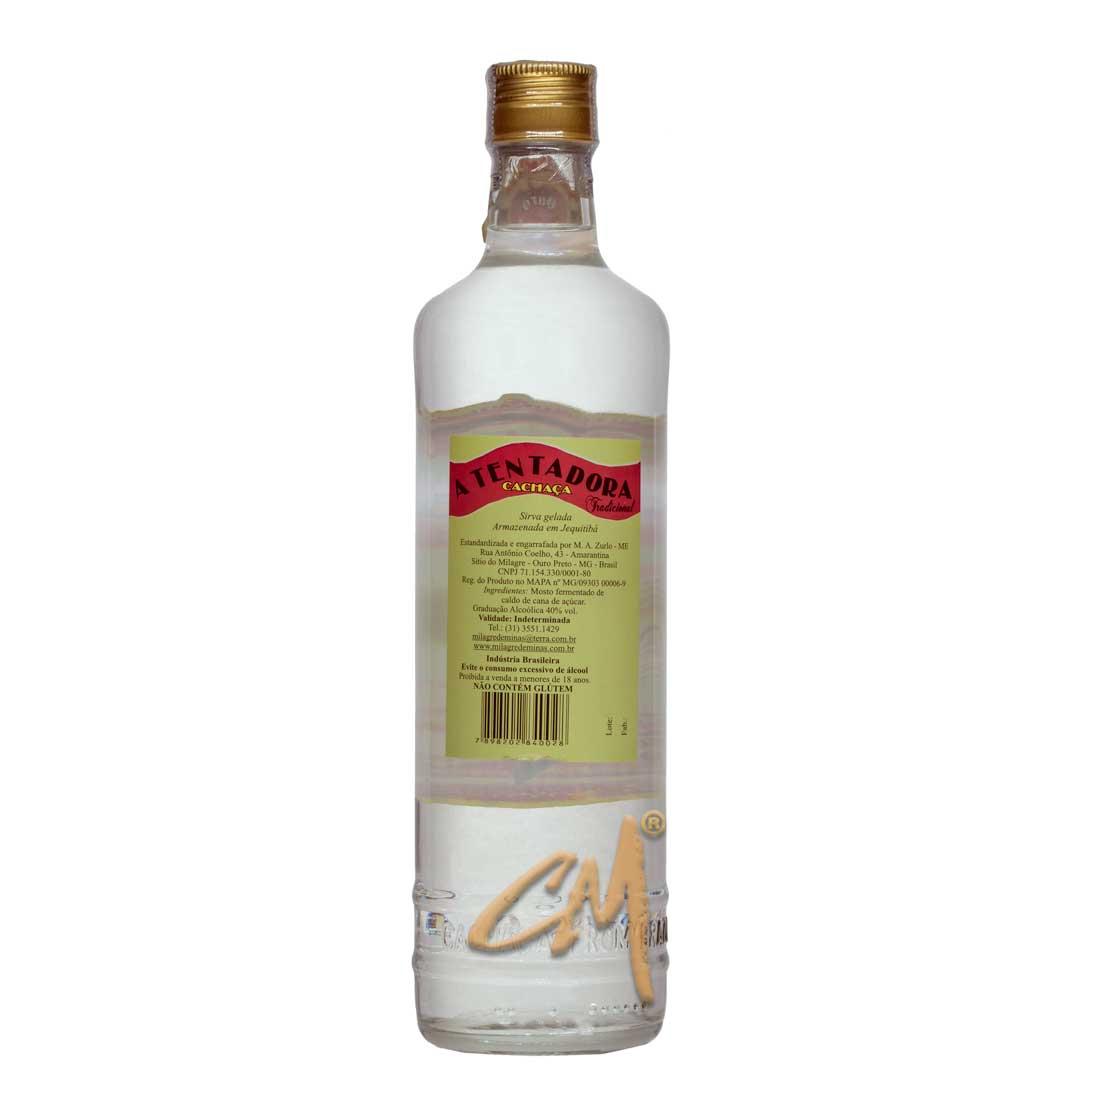 Cachaça A Tentadora Tradicional 670 ml (Ouro Preto - MG)